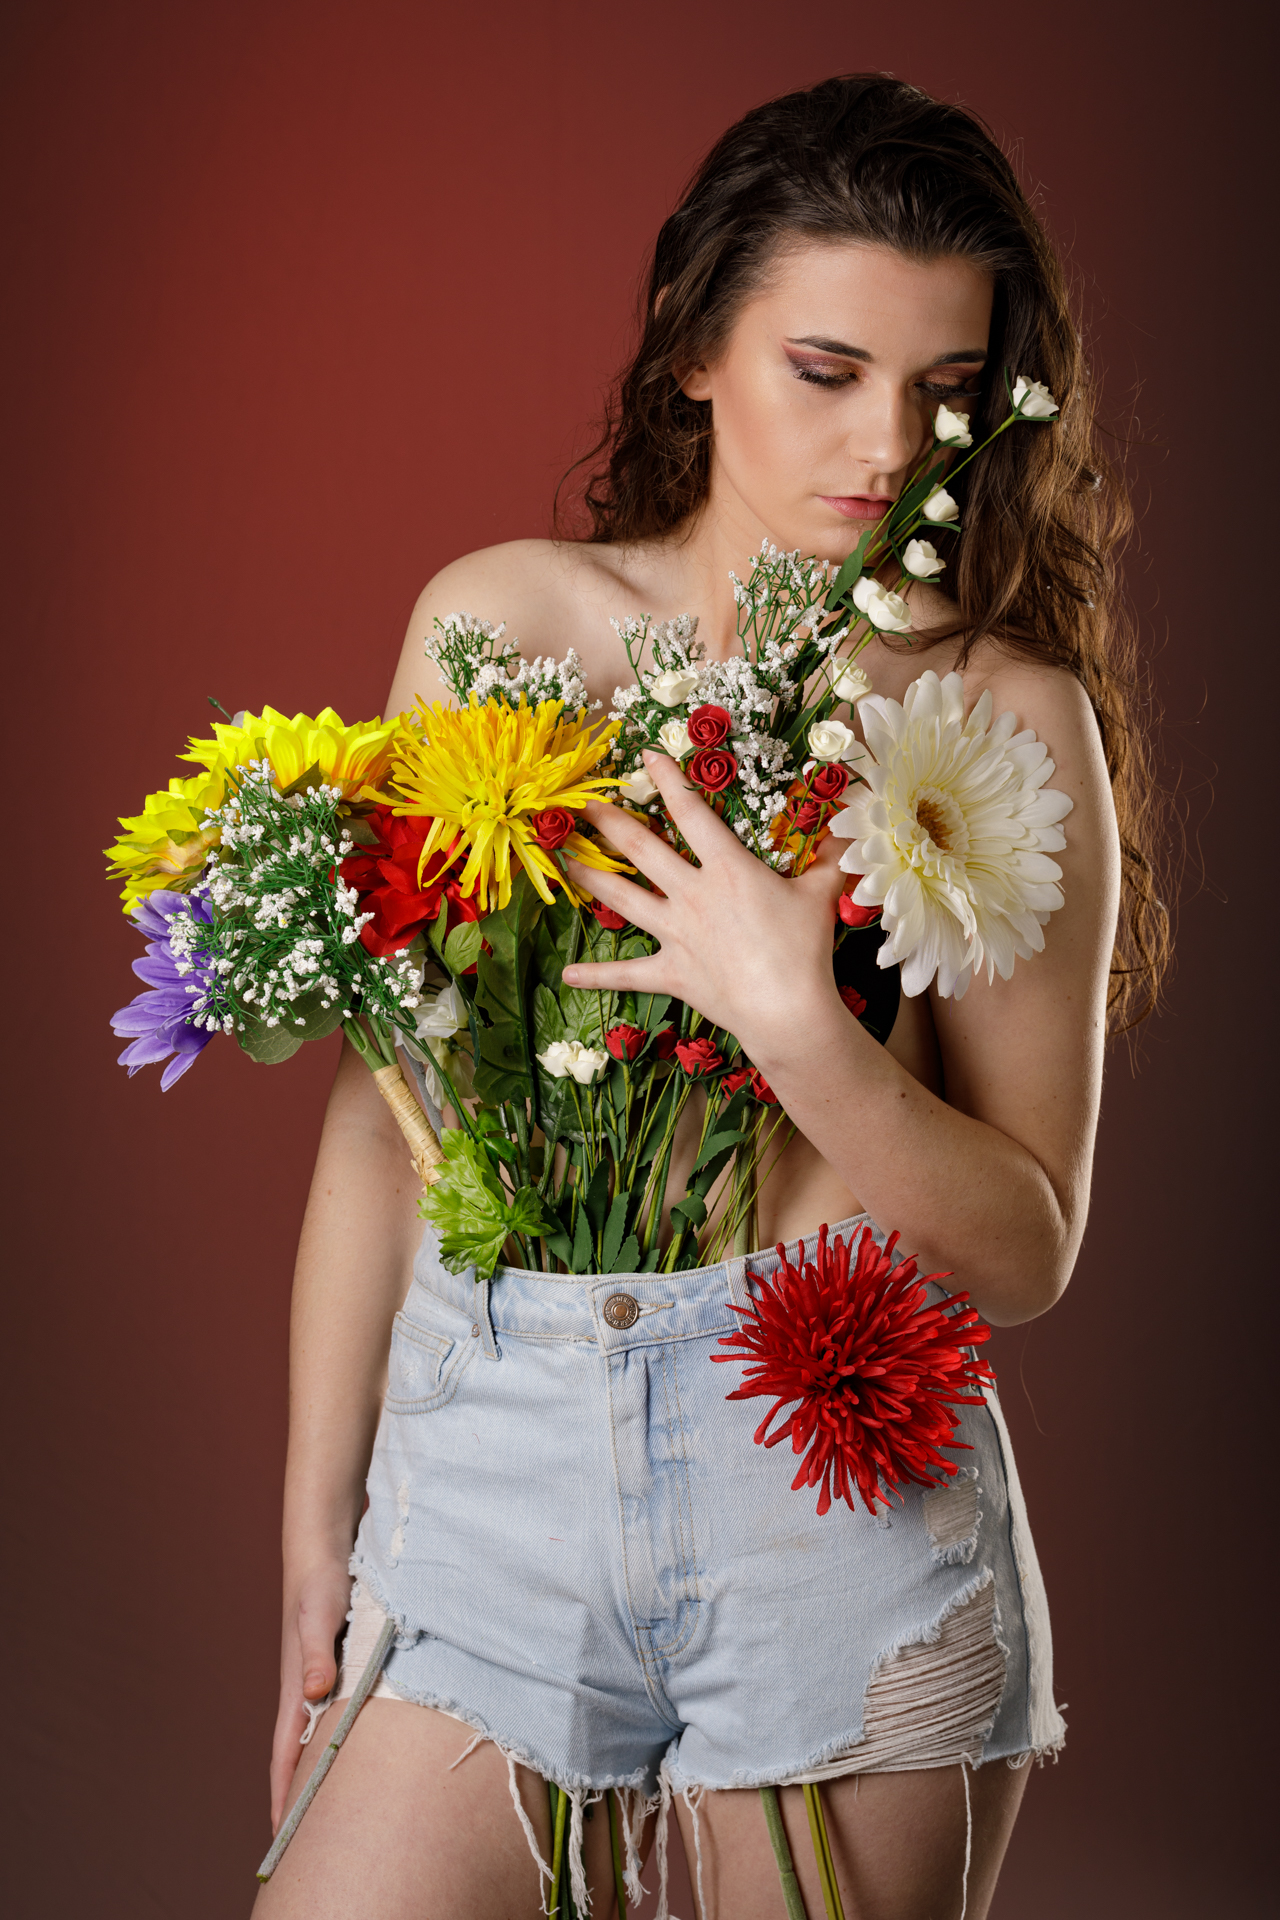 CFrenette-marilyne_fleurs-13